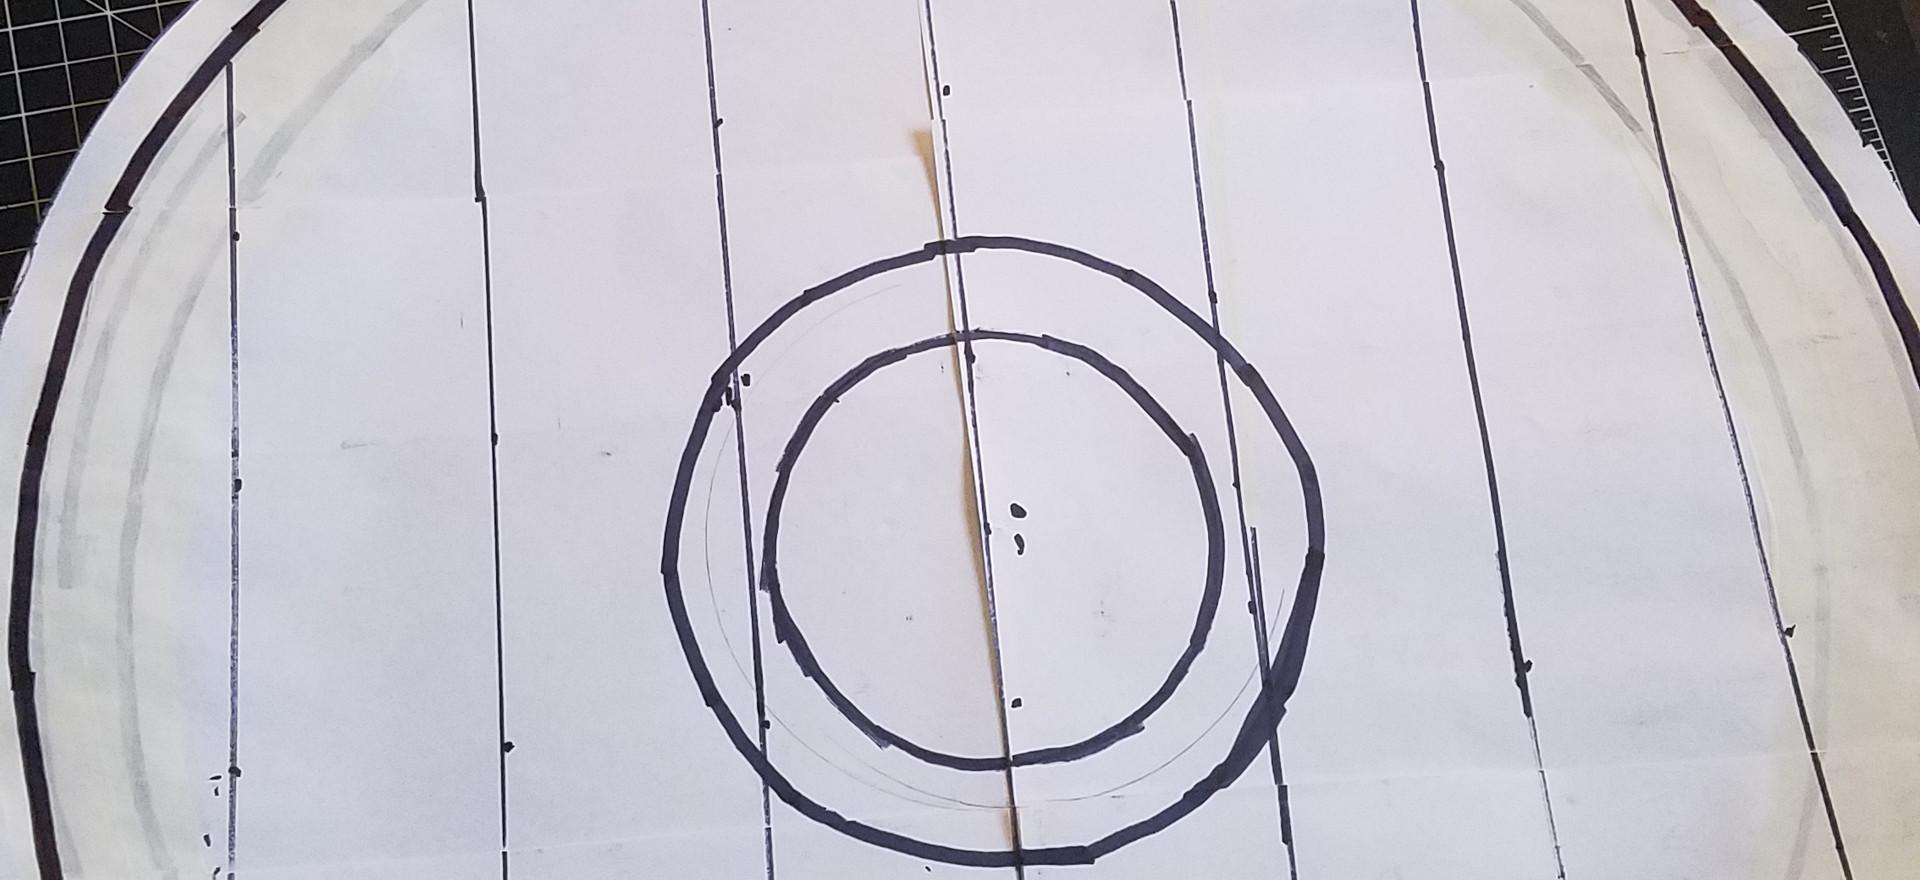 Detailing Pattern